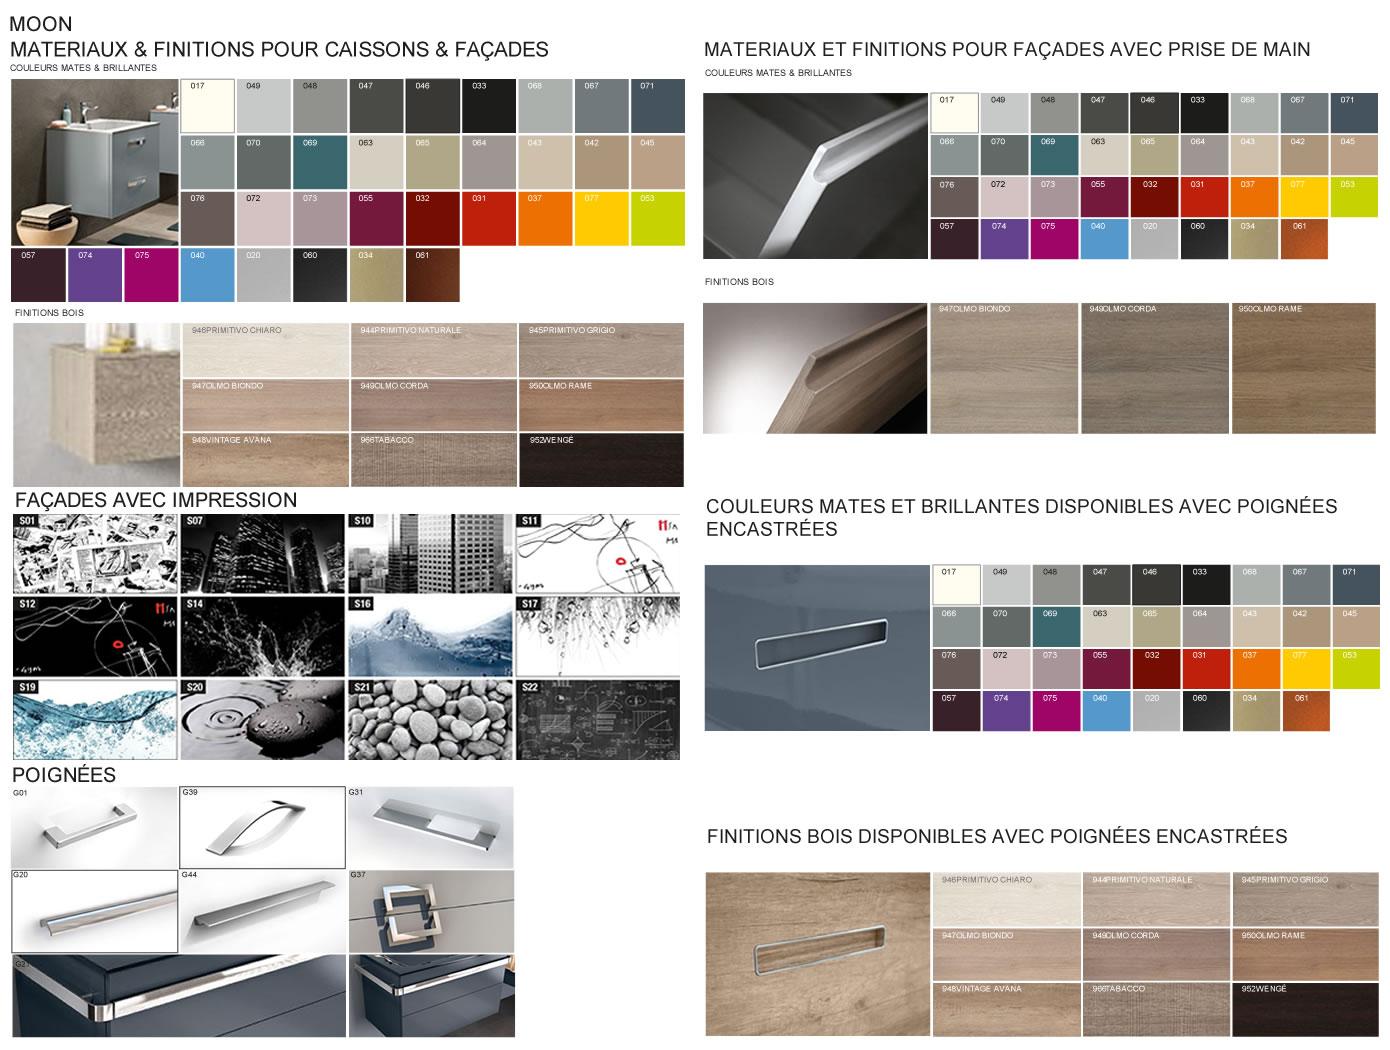 meubles de salle de bains serie moon. Black Bedroom Furniture Sets. Home Design Ideas